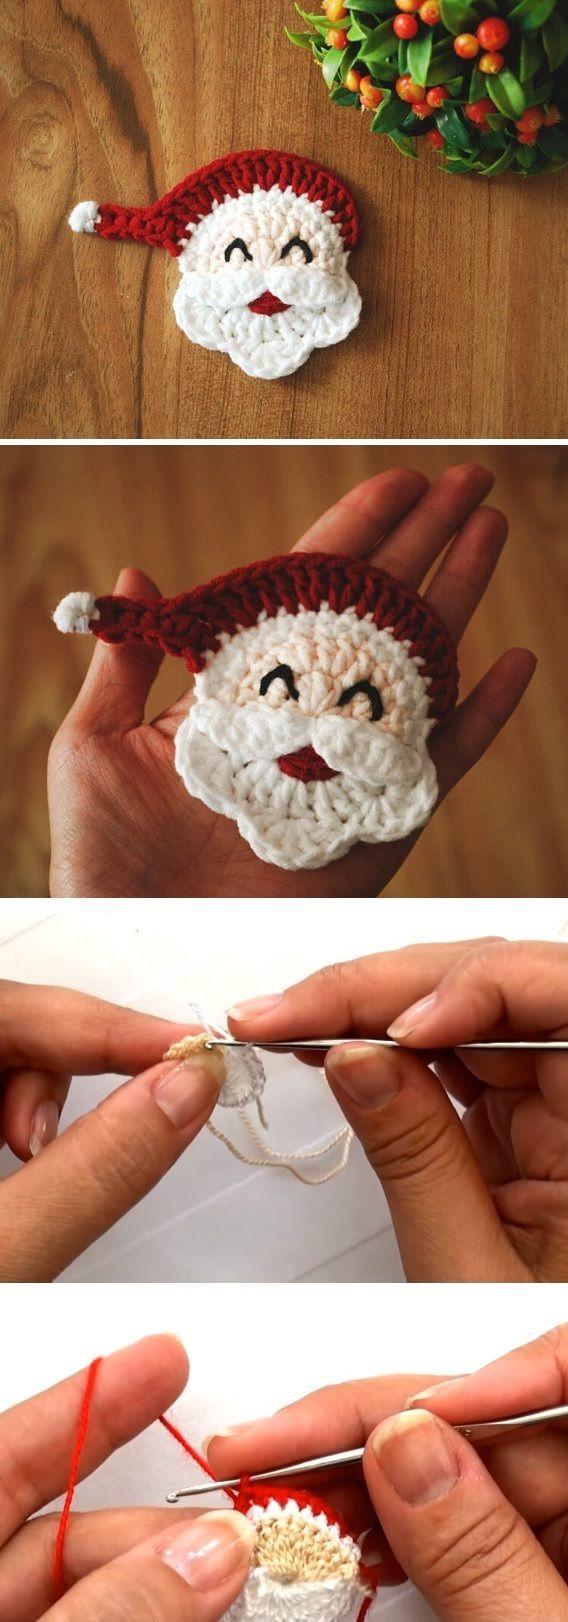 Crochet Santa Applique | Häkeln, Weihnachten und Handarbeiten